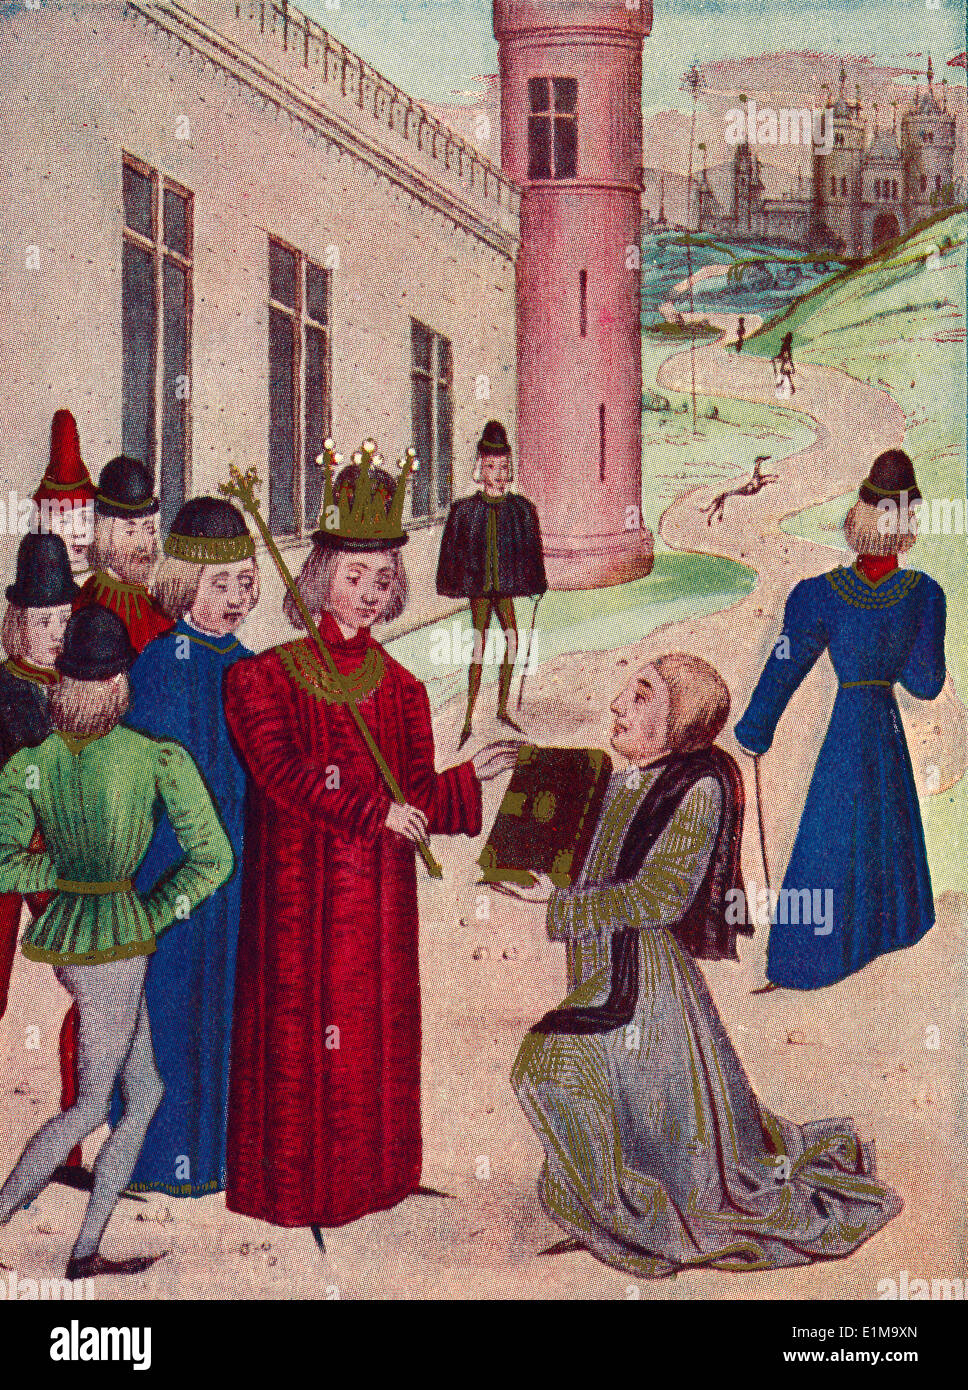 Sir John Froissart présente son livre de poèmes d'amour de Richard II en 1395. Banque D'Images